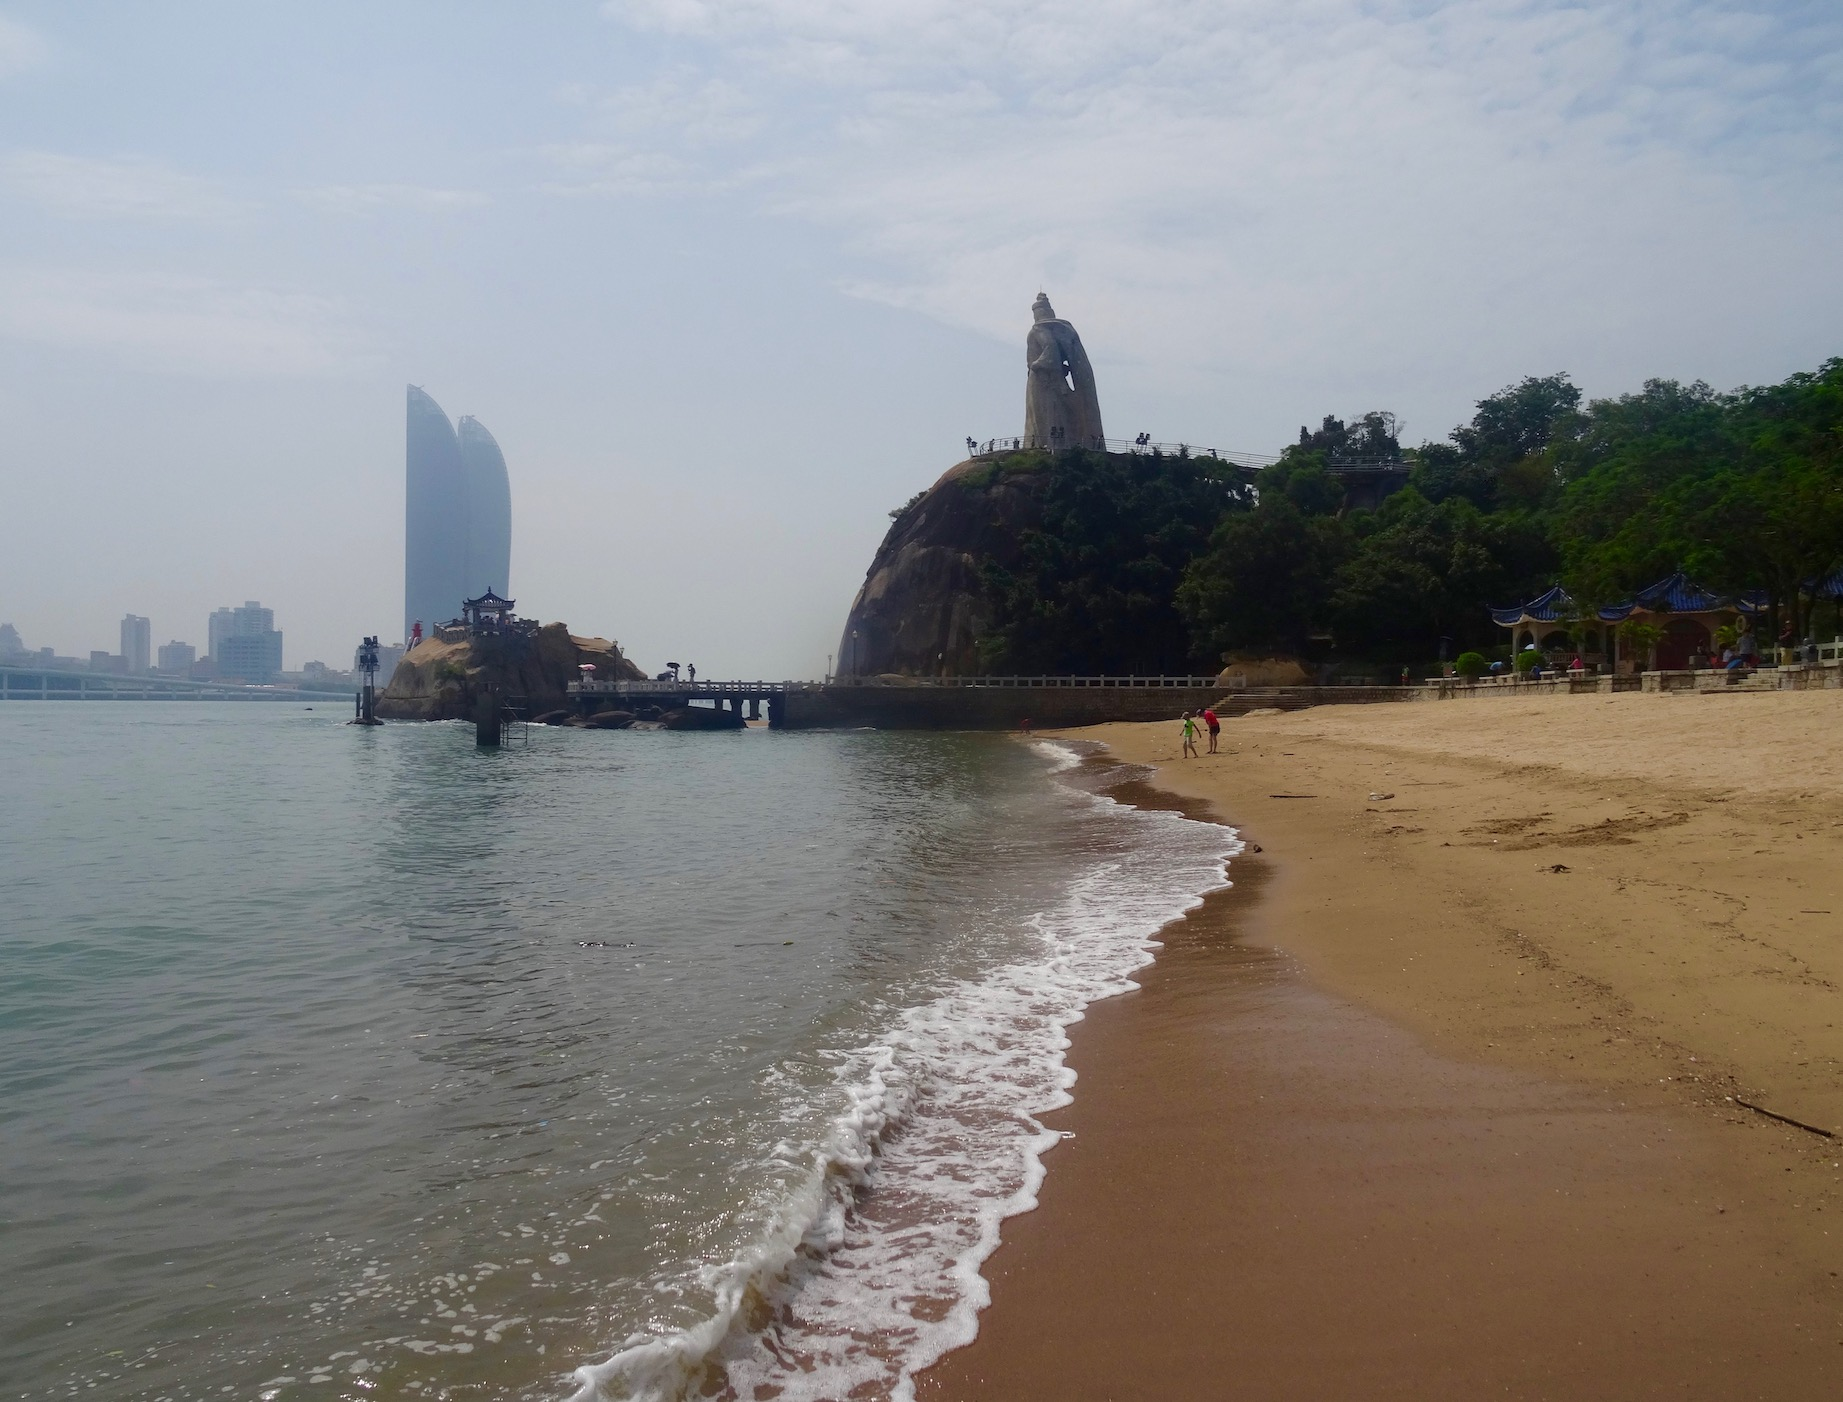 Haoyue Park Gulangyu Island Xiamen Fujian province China